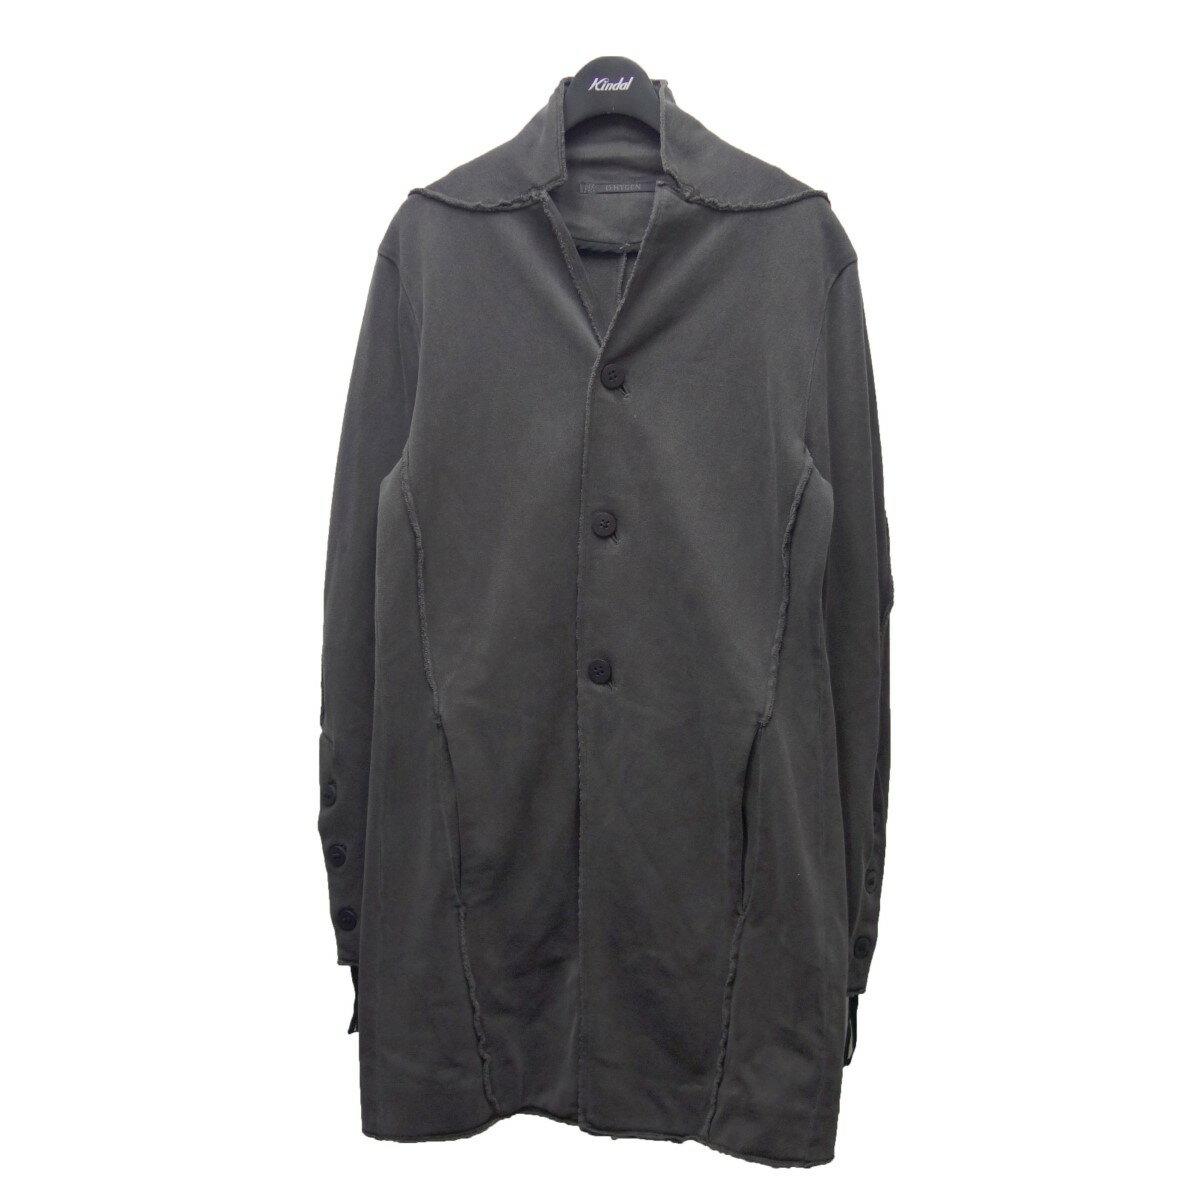 トップス, カーディガン DHYGEN 19SSMedium Heavy jersey cardigan 1 130721